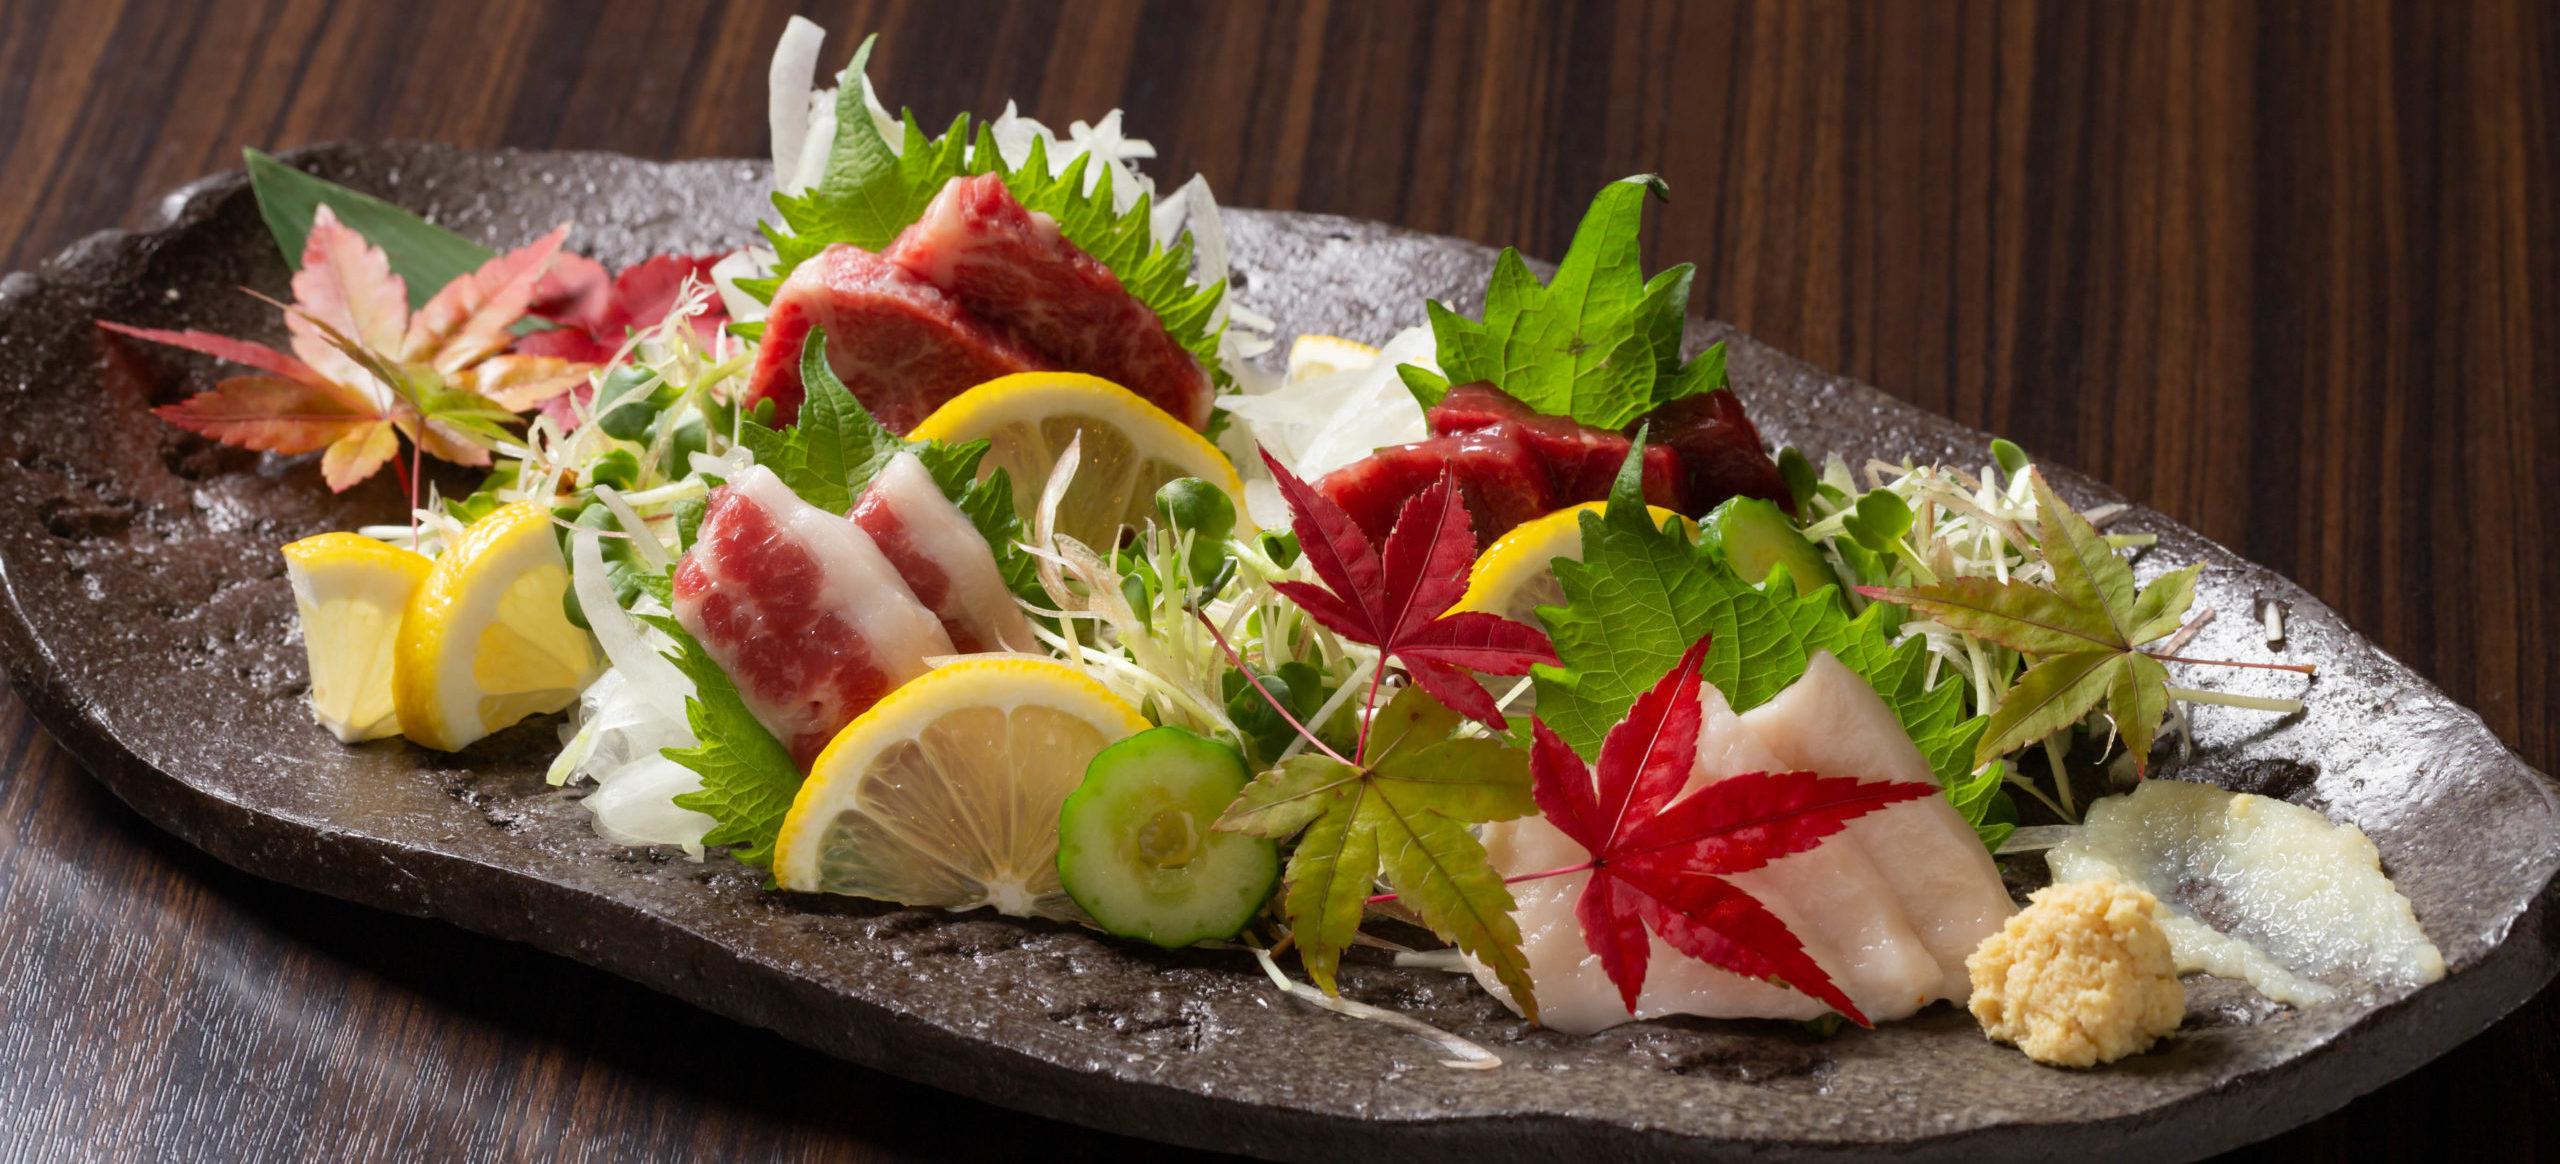 熊本を中心とした九州エリアの料理撮影 Enchante -アンシャンテ-